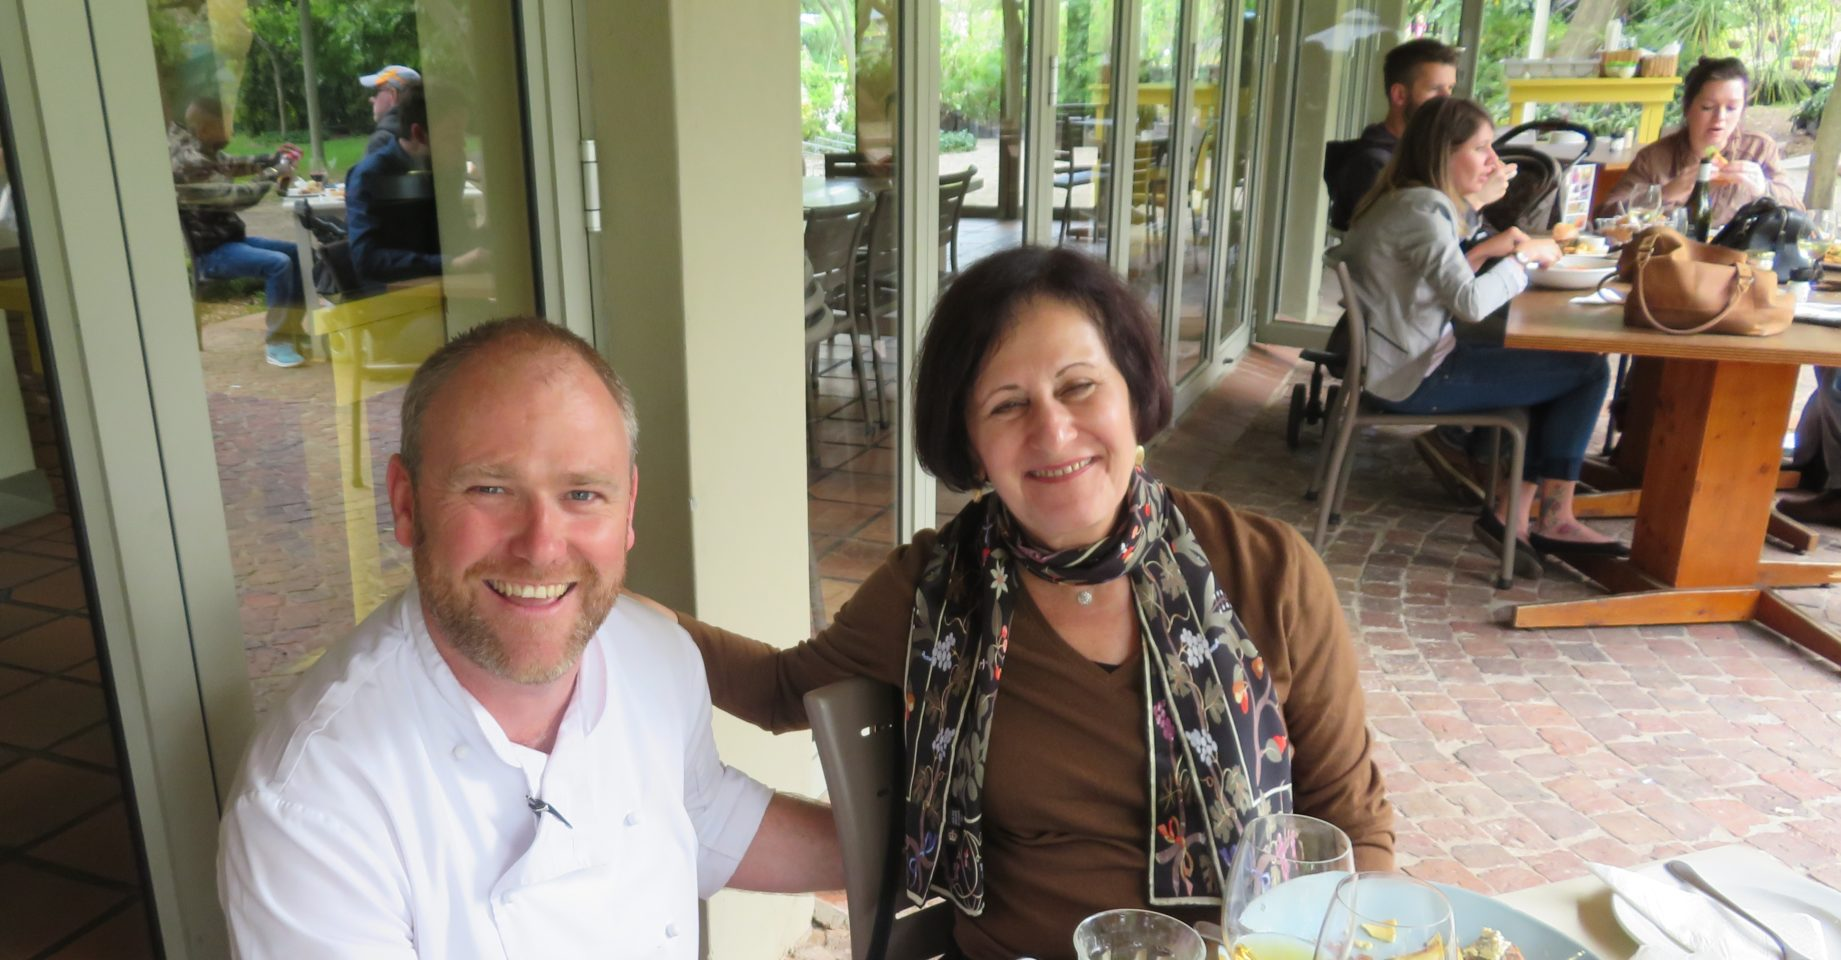 Lynn and talented Head Chef Garth Bedford at Joostenberg Bistro in Stellenbosch, South Africa